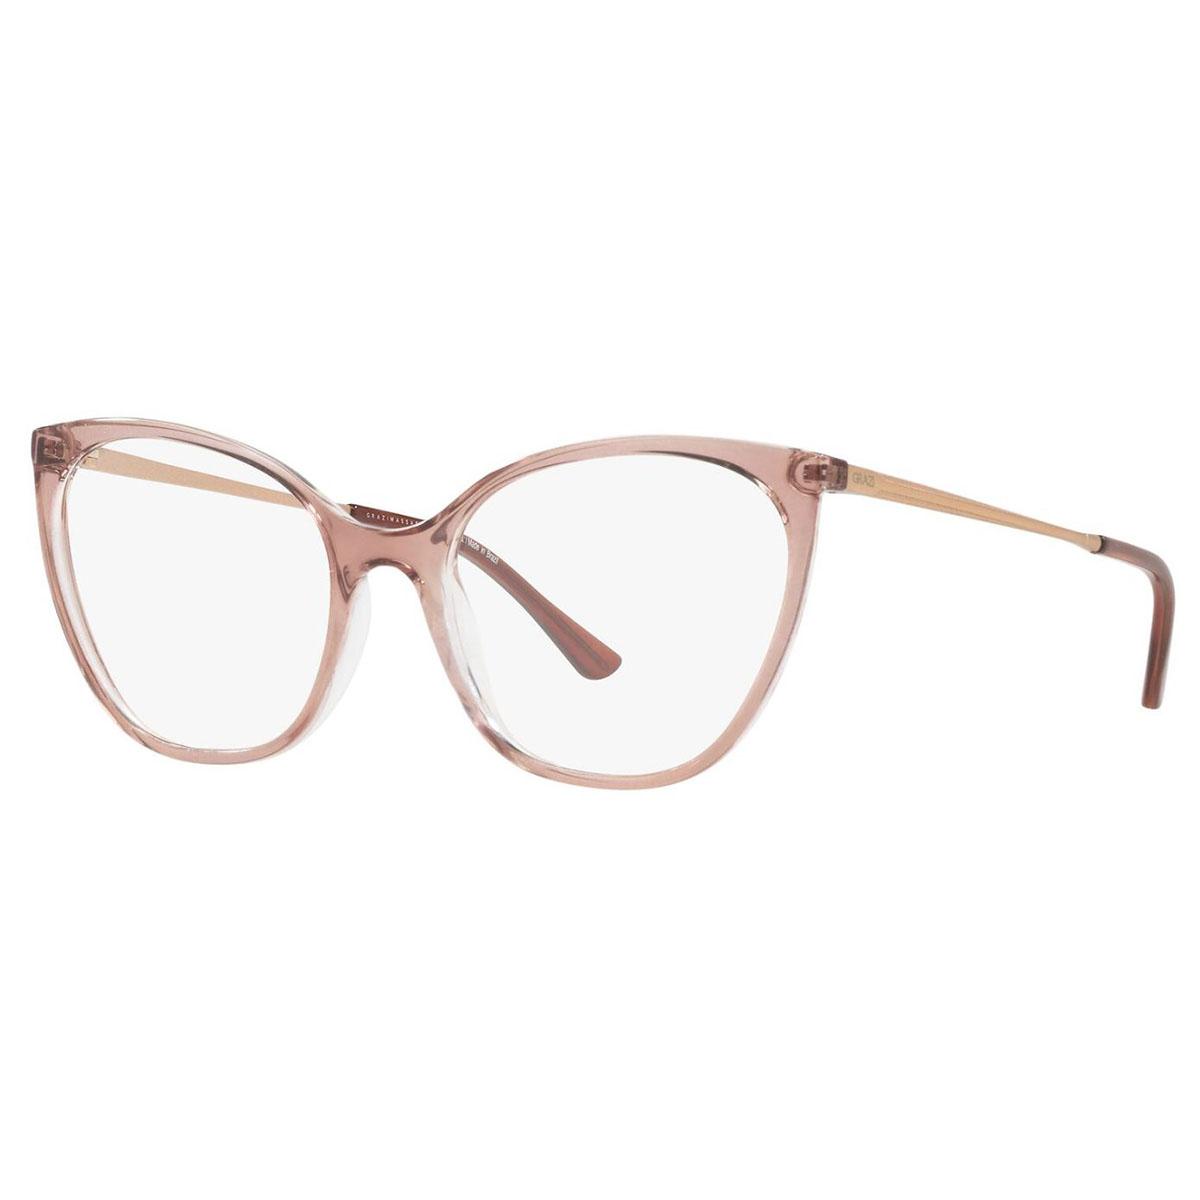 Óculos de Grau Grazi GZ3074 Marrom Translúcido Gatinho